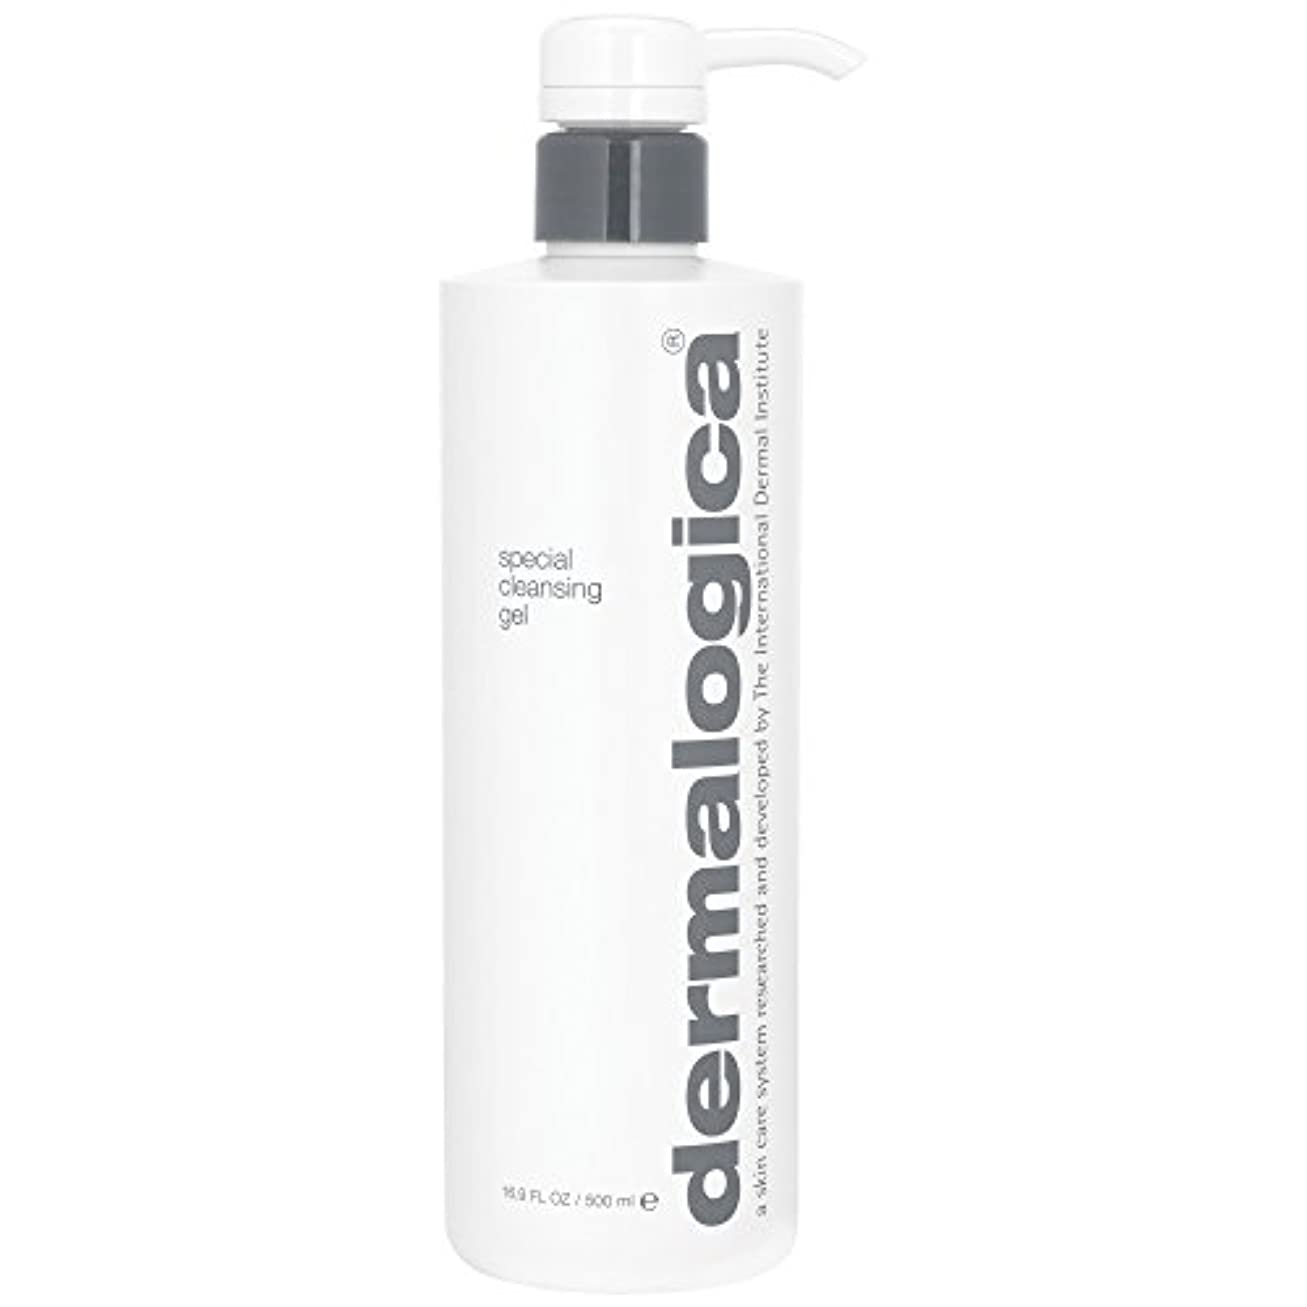 良い超越する雑品ダーマロジカ特別なクレンジングゲル500ミリリットル (Dermalogica) - Dermalogica Special Cleansing Gel 500ml [並行輸入品]